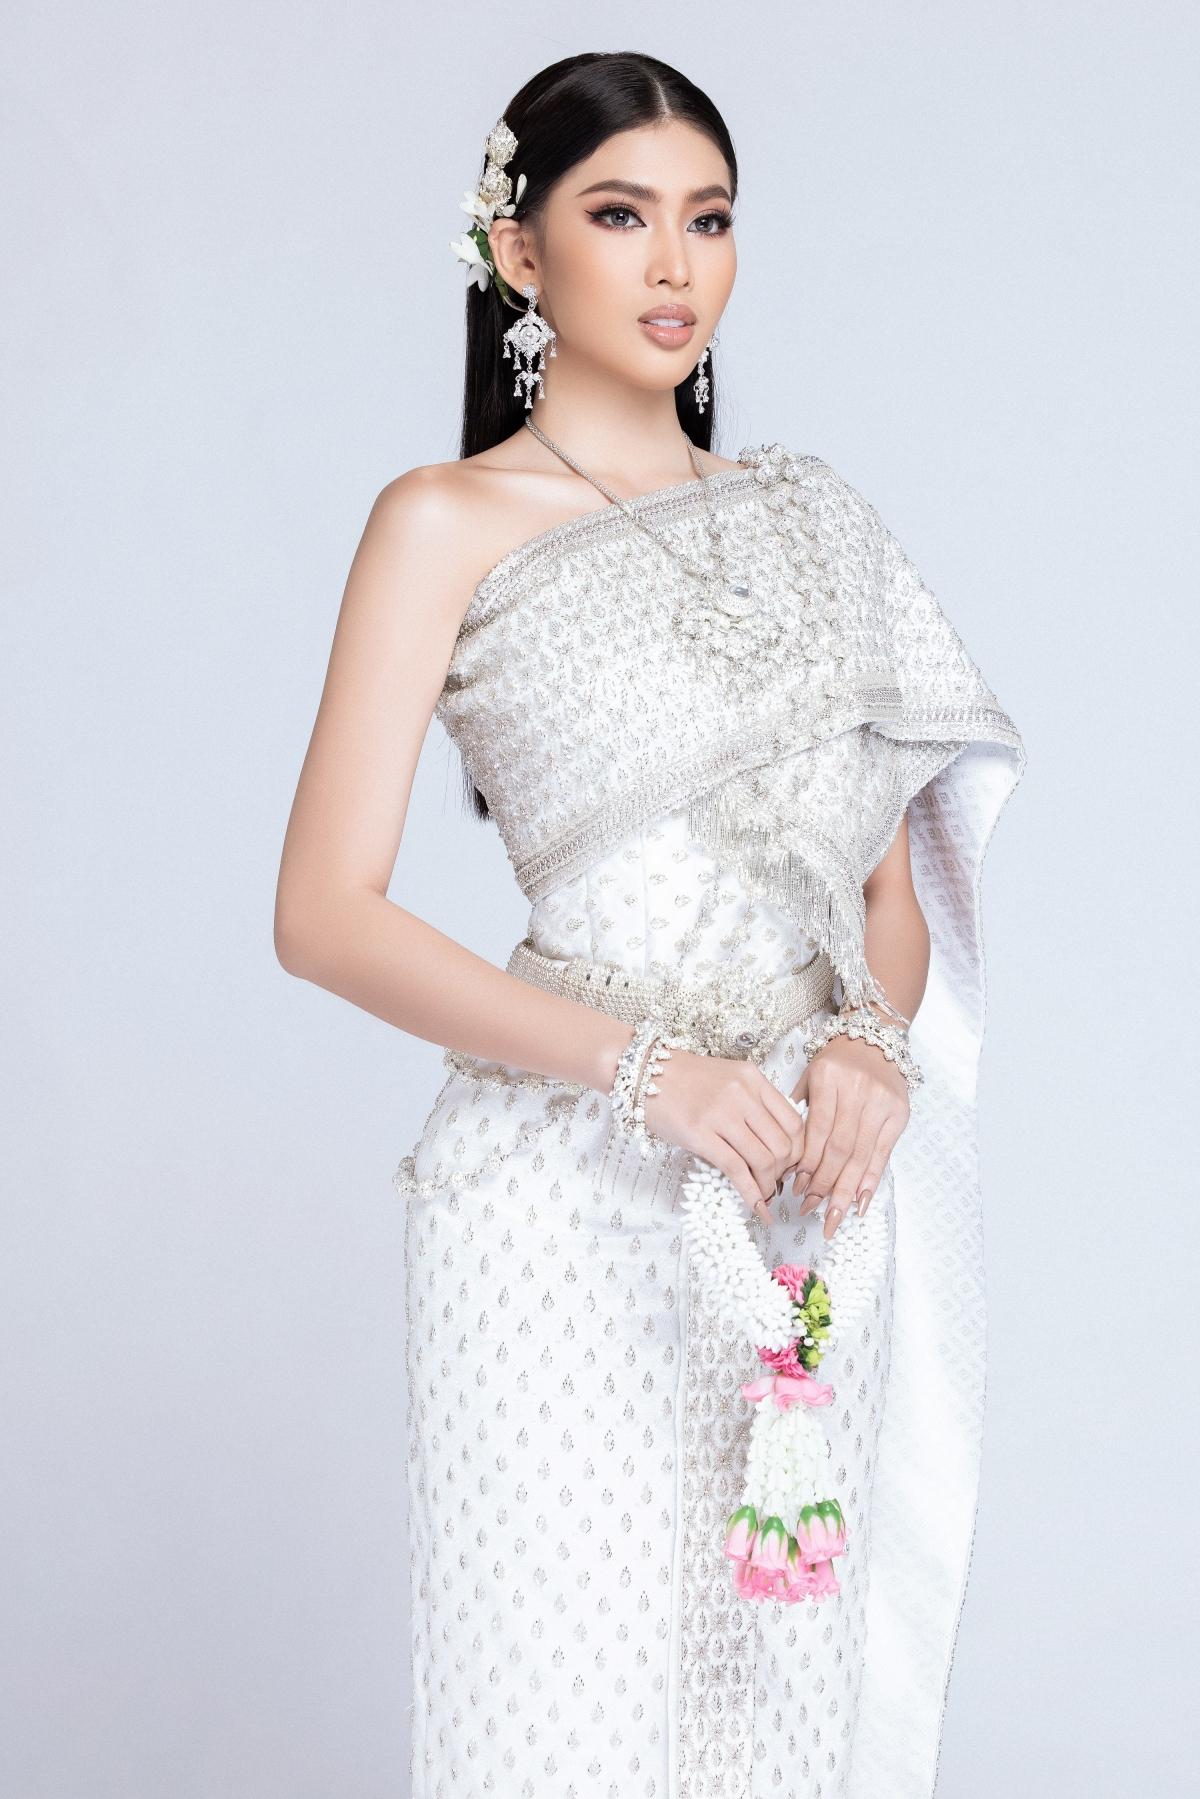 Với thiết kế đúng nguyên bản trang phục truyền thống Thái Lan do NTK Hữu Tài Lê thực hiện, đại diện Việt Nam muốn tôn vinh vẻ đẹp văn hoá của nước bạn cũng như thể hiện tình cảm của mình đến người dân Thái Lan.